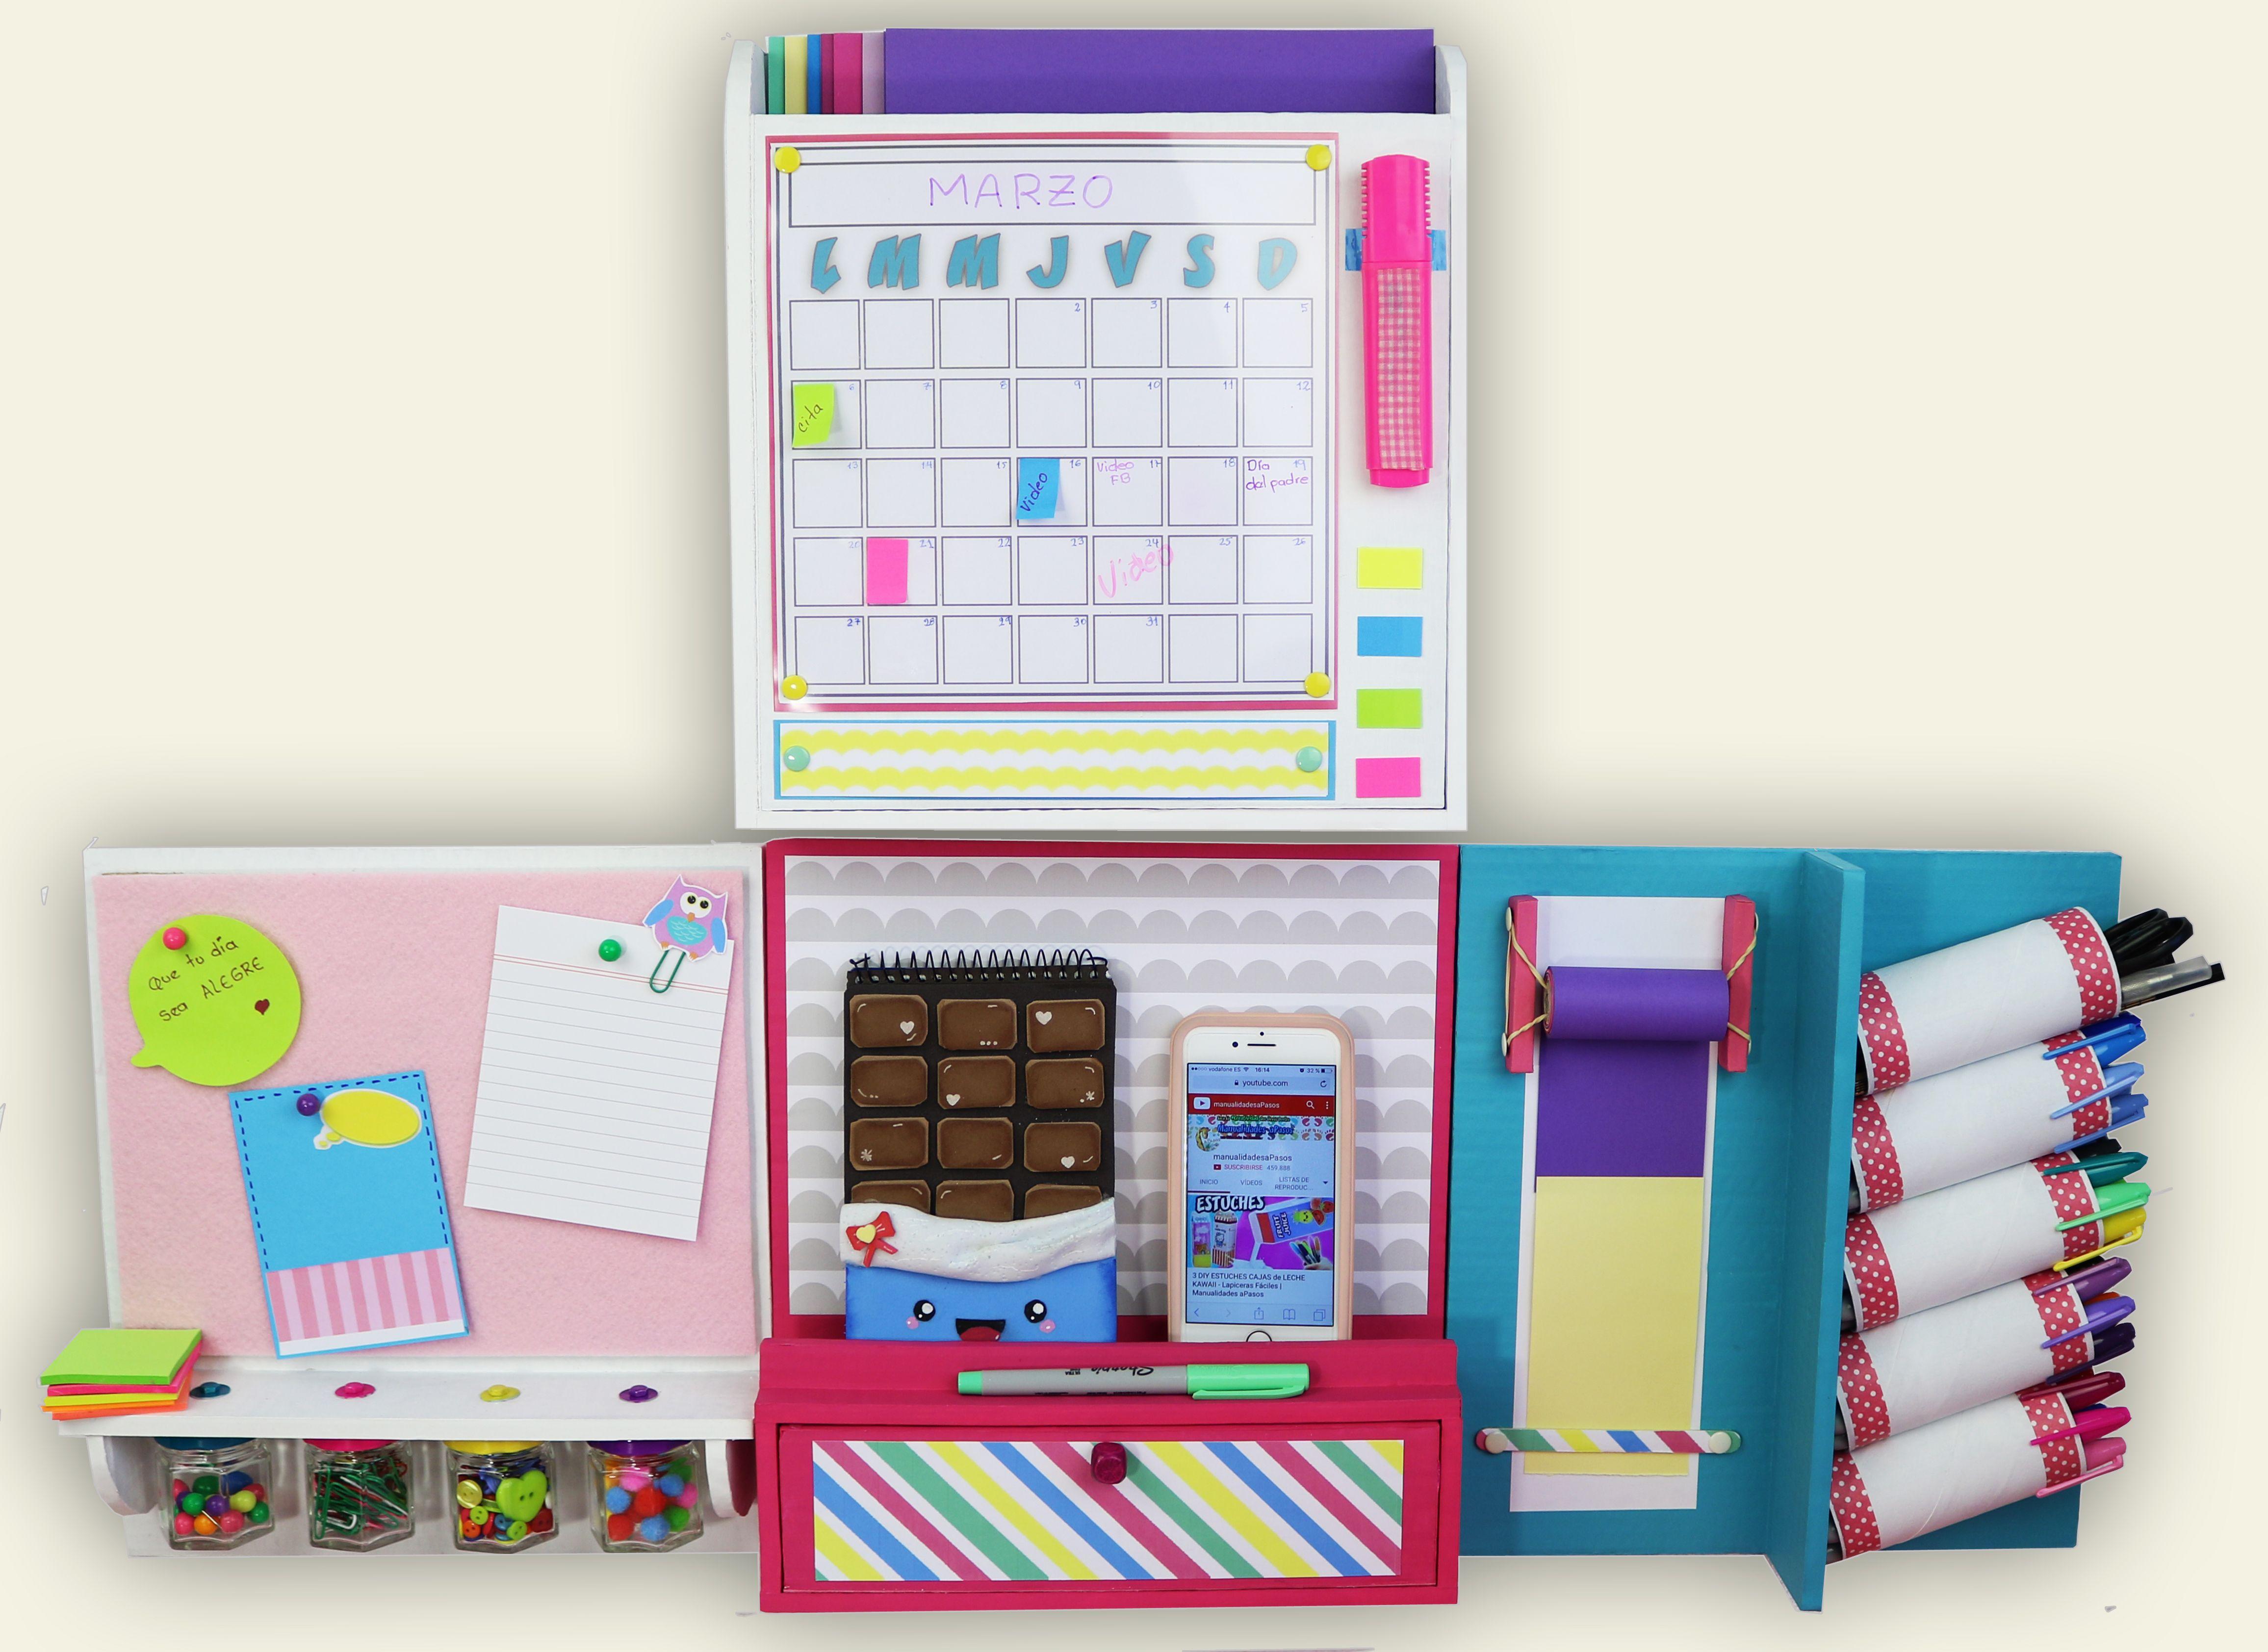 6 diy organizadores de pared organizadores diy manualidades y diy school supplies - Organizadores escritorio ...